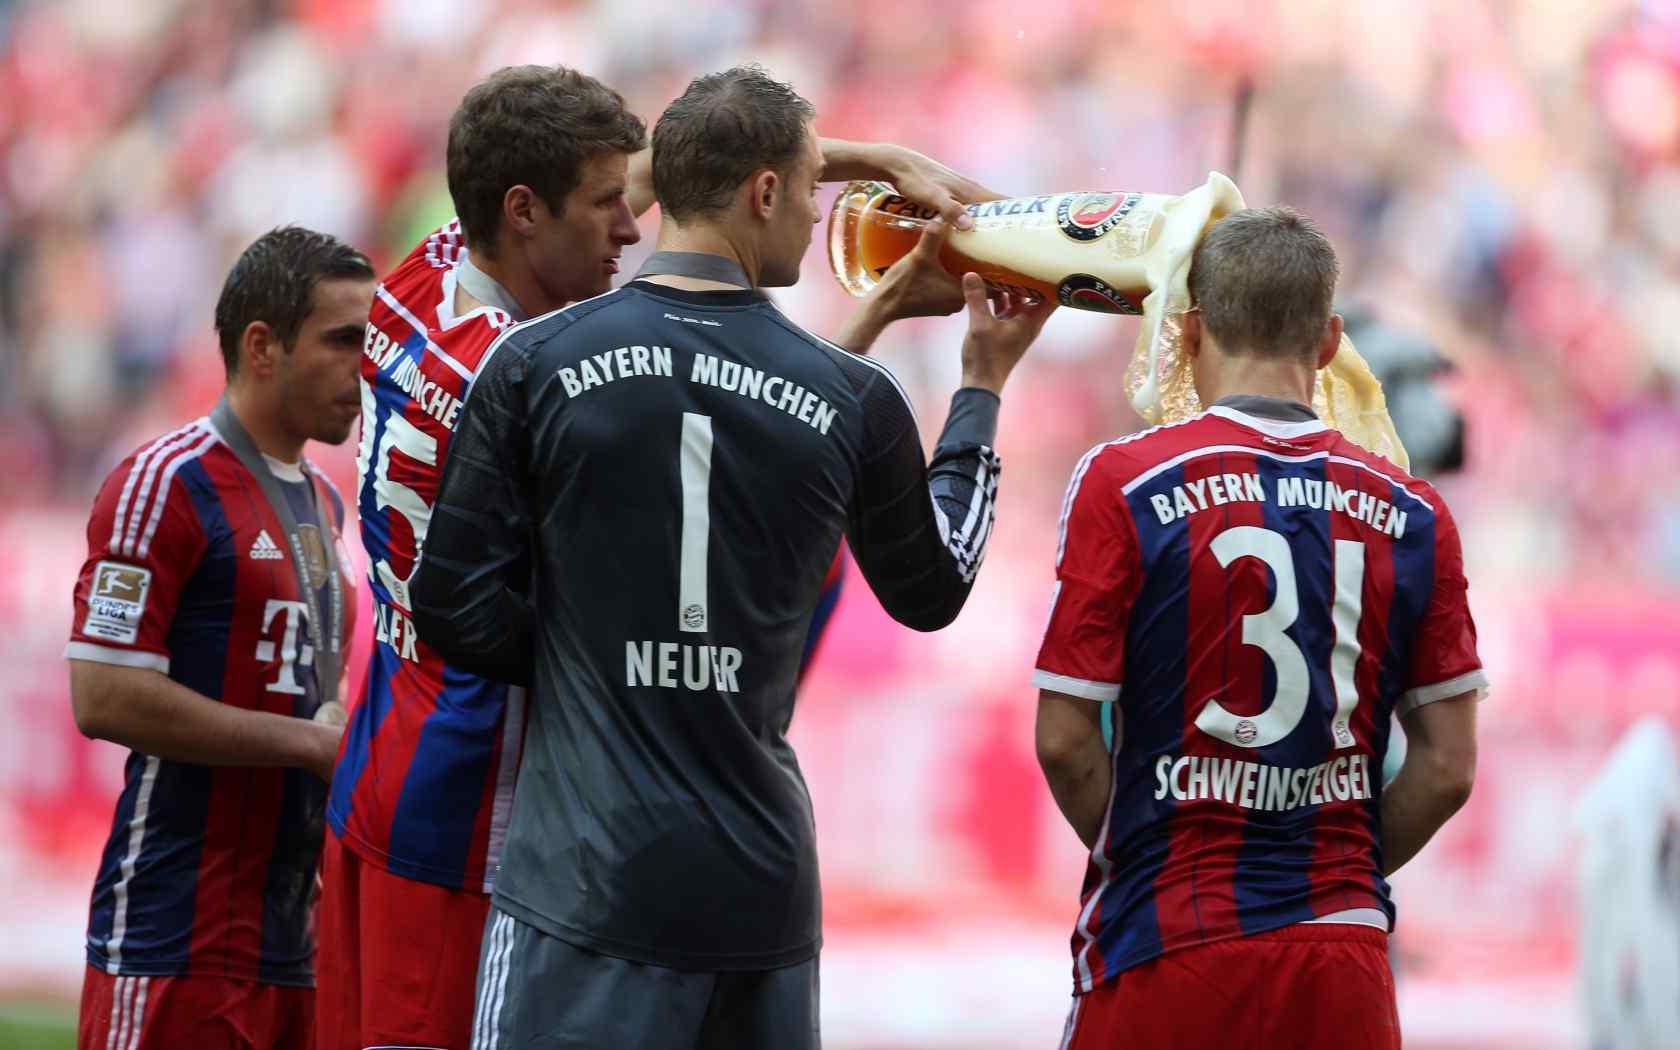 拜仁慕尼黑足球比赛高清壁纸。拜仁慕尼黑足球俱乐部,简称拜仁慕尼黑或拜仁,是一家设于巴伐利亚州首府慕尼黑的德国体育俱乐部,其最著名的是参加德国足球甲级联赛的职业足球队,曾创纪录的赢得26次德国足球顶级联赛冠军及17次德国杯冠军,为德国最成功的足球俱乐部。桌面天下专注于电脑、手机桌面壁纸,免费提供最好最清晰的壁纸图片下载。网罗最热门的明星、美女、卡通、系统手机壁纸等,桌面天下把热门壁纸推荐给您,让您更快的找到您想要的简约好看个性桌面壁纸。